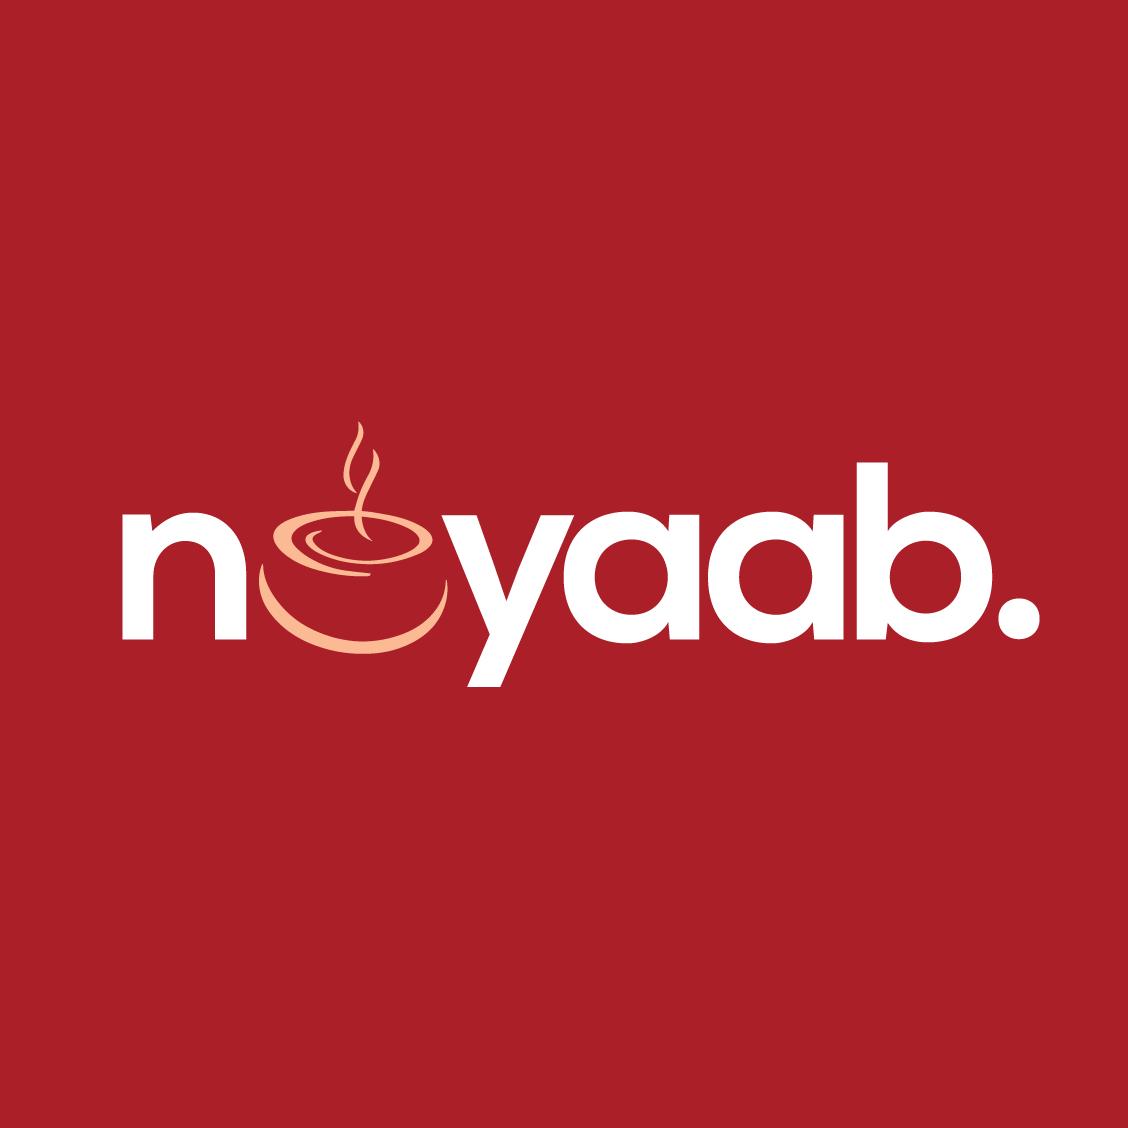 Nayaab Haandi Restaurant